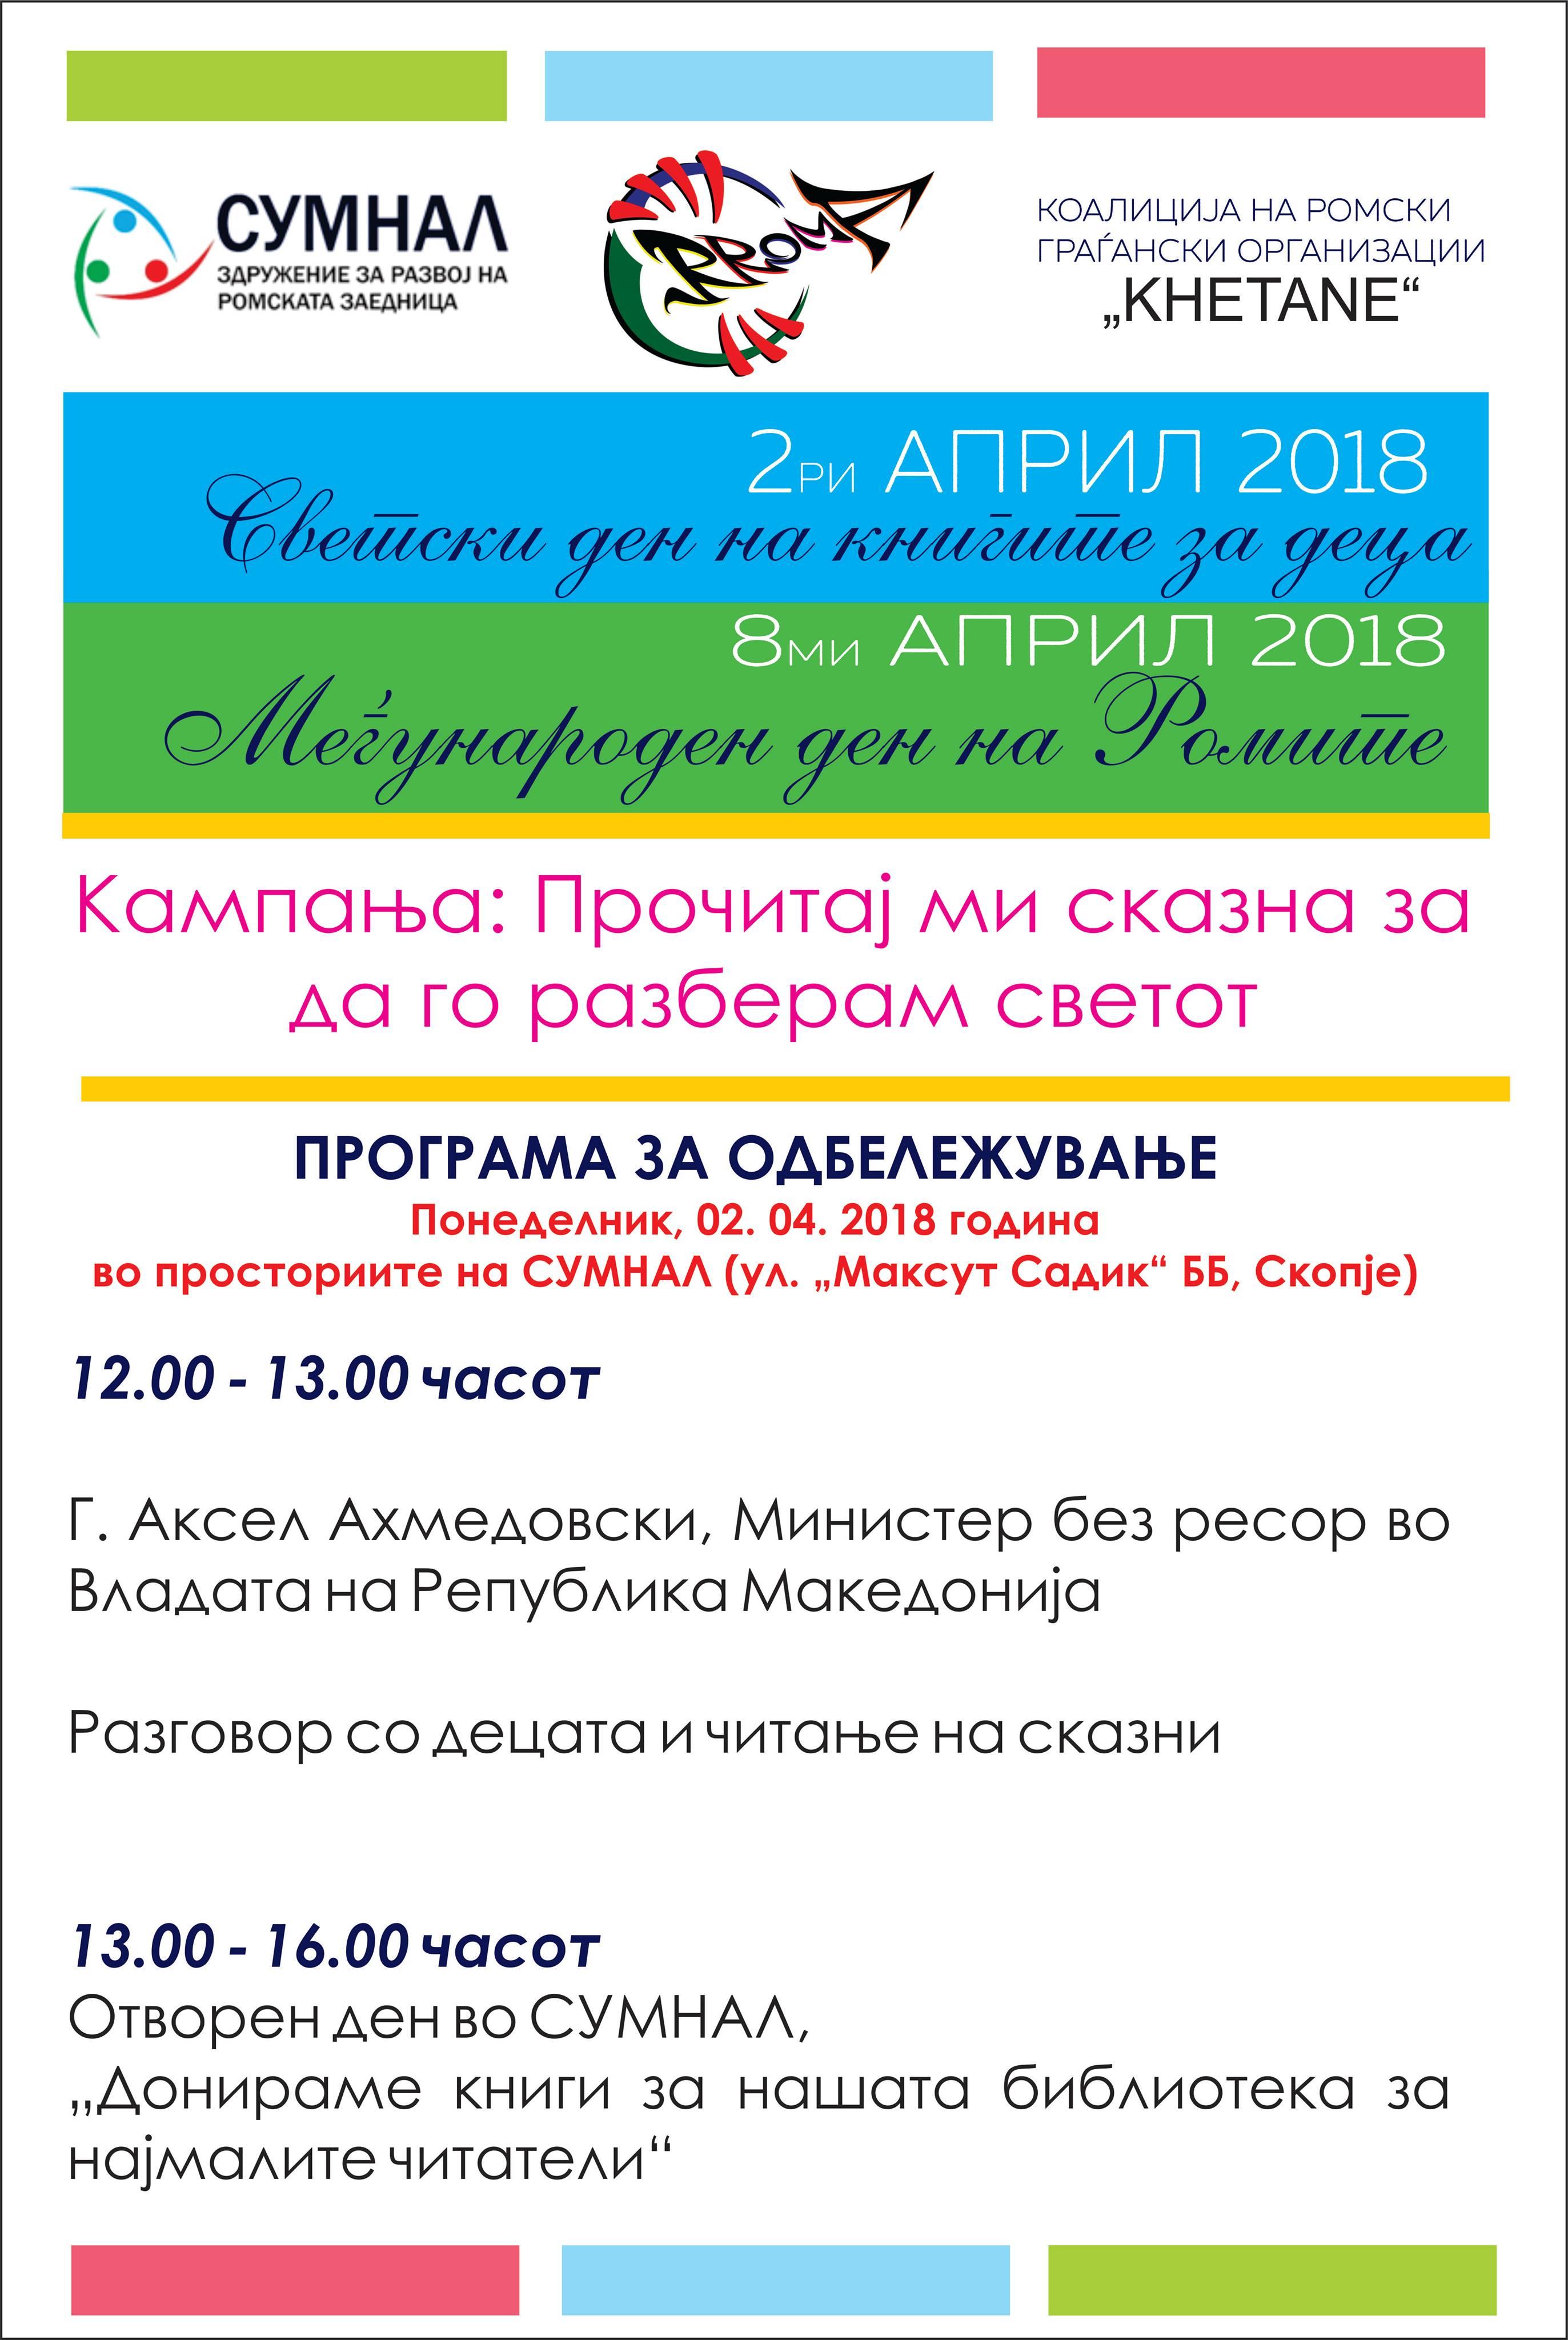 Активности во Сумнал по повод одбележувањето на 2 април-Светскиот ден на книгите за деца и 8 април-Меѓународниот ден на Ромите